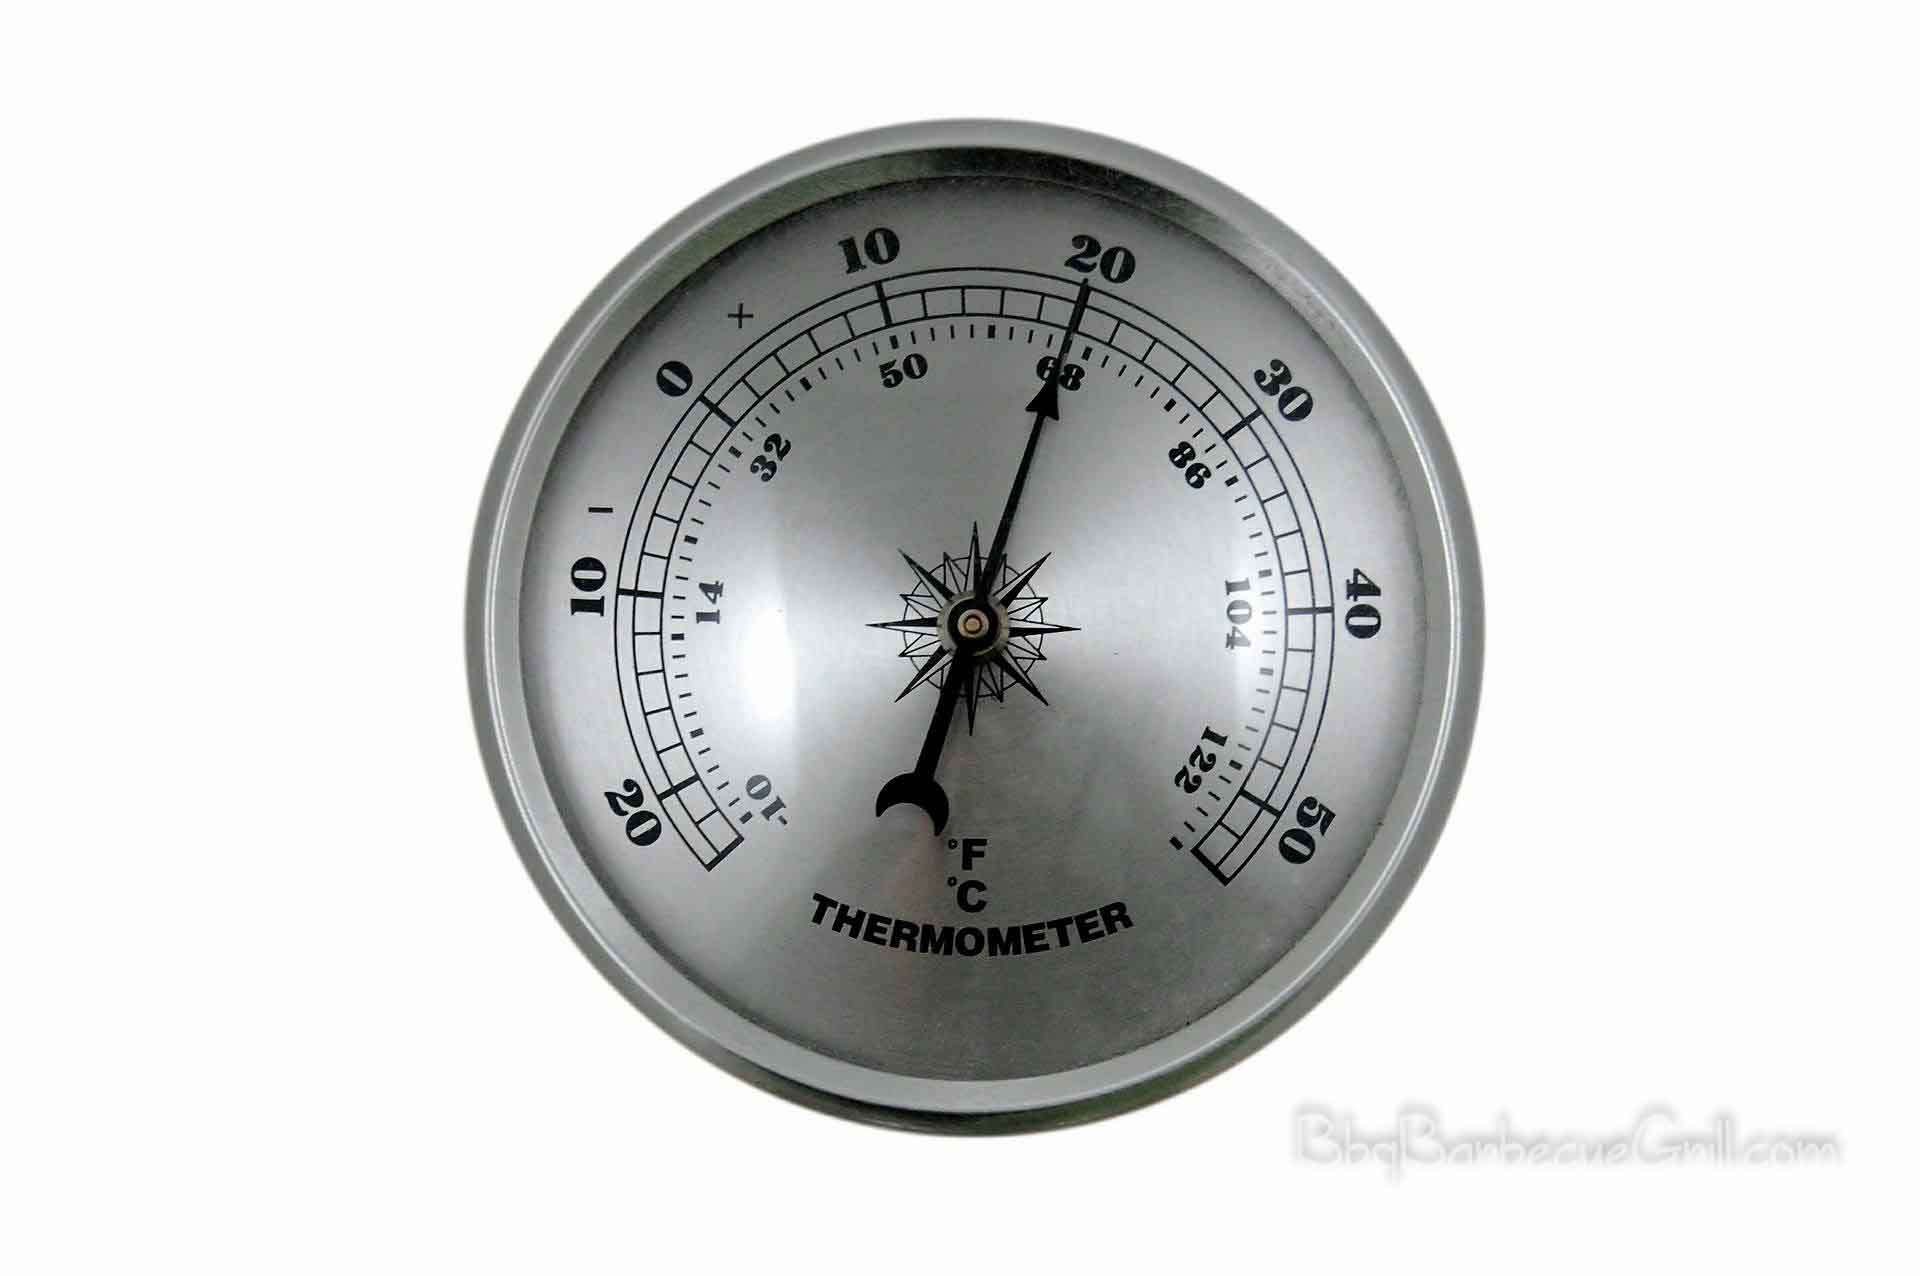 Grilling temperatures